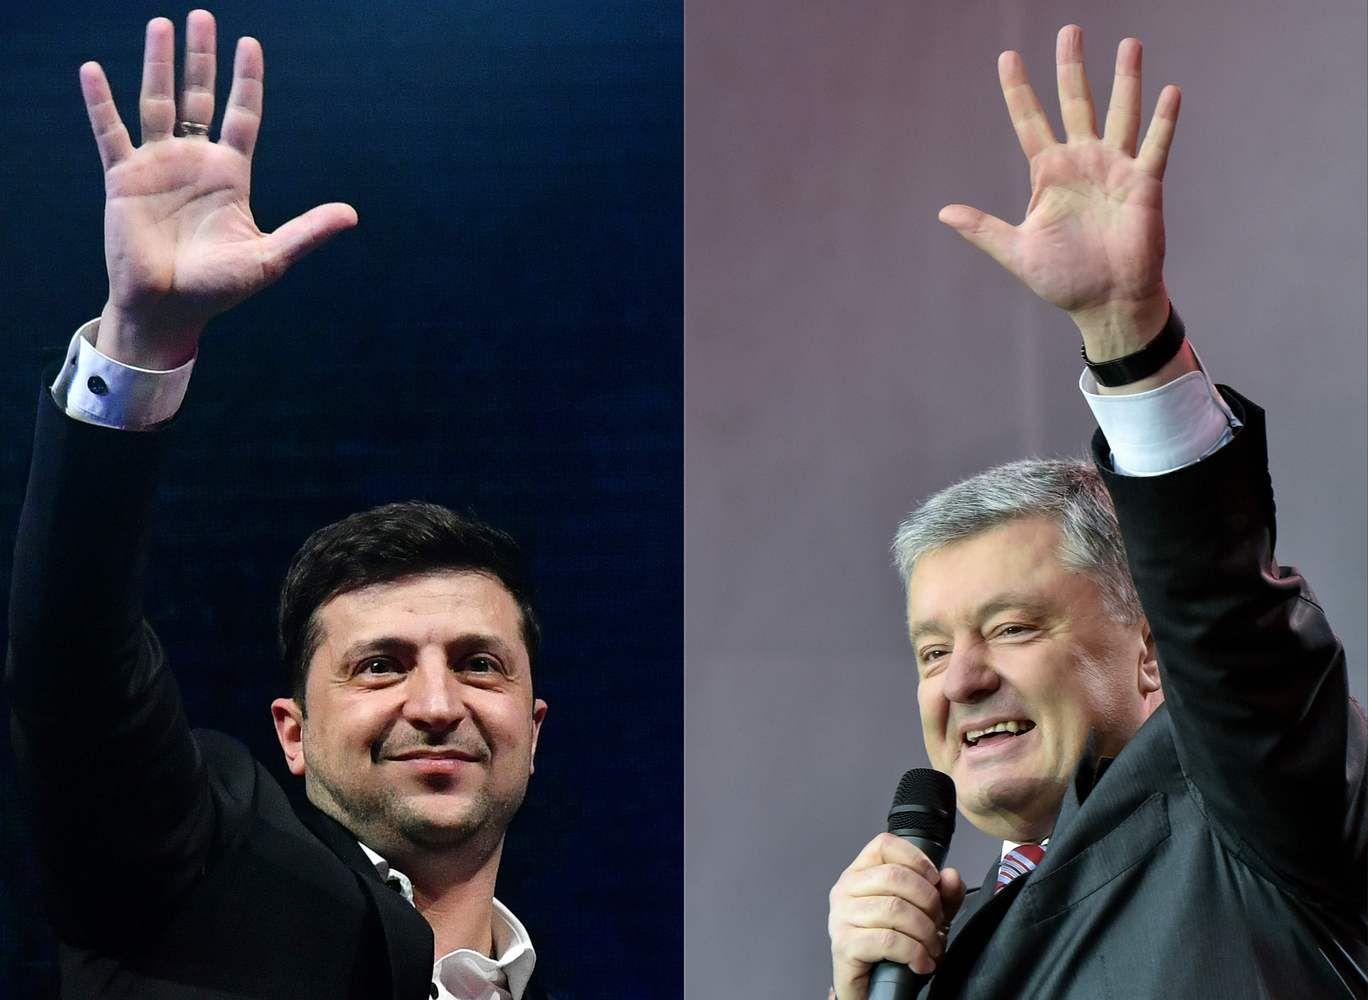 Apklausos Ukrainos prezidento rinkimuose lengvą pergalę pranašauja V. Zelenskiui